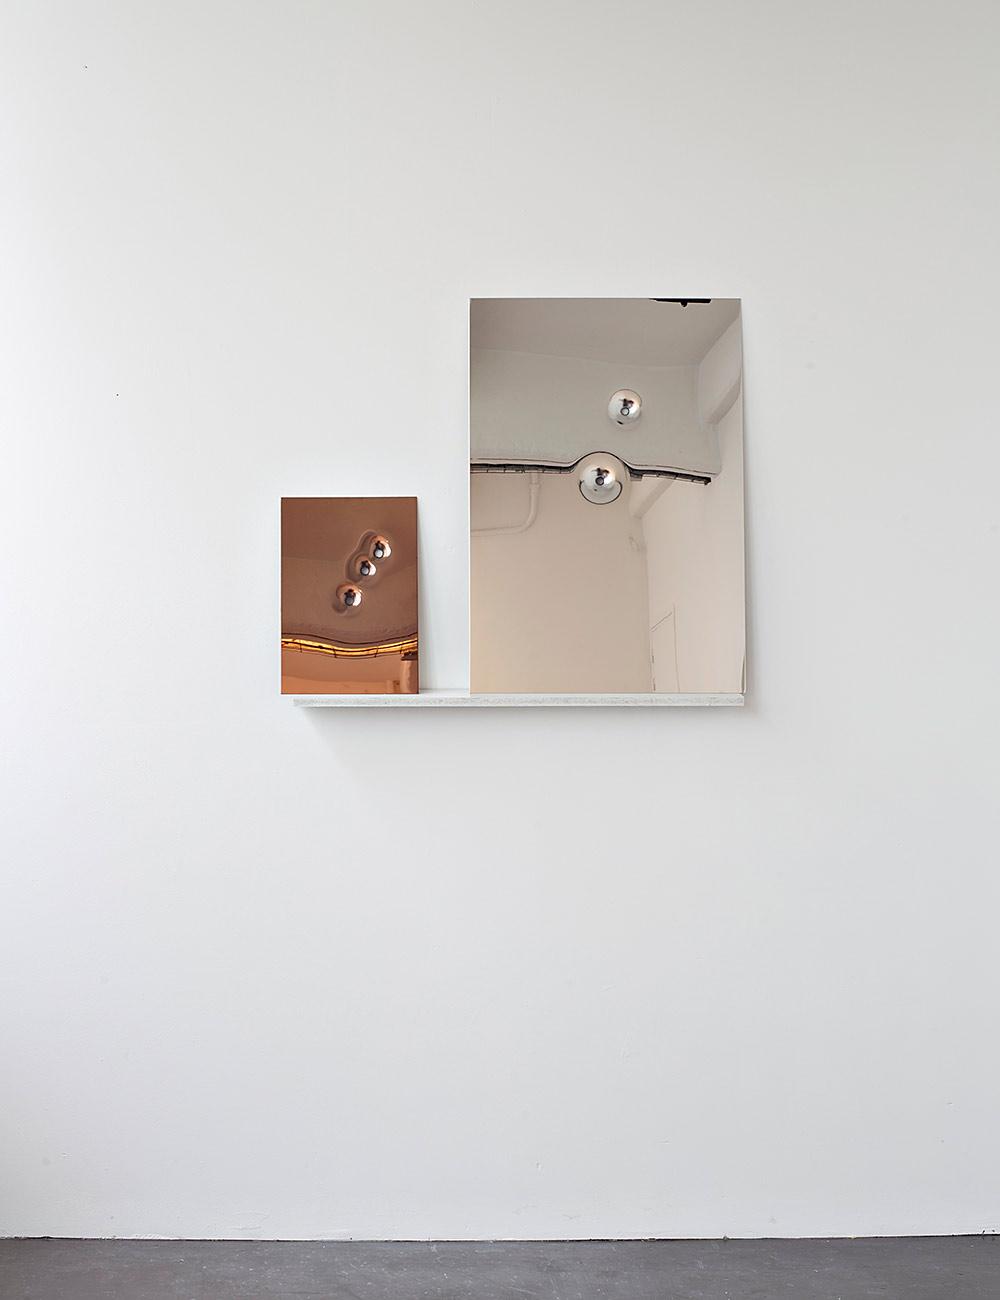 Impact Composition, 2014. השתקפות אובייקטים מתכתיים תלויים דרך מראה המונחת על מדף לבן. צילומים באדיבות אריק לוי